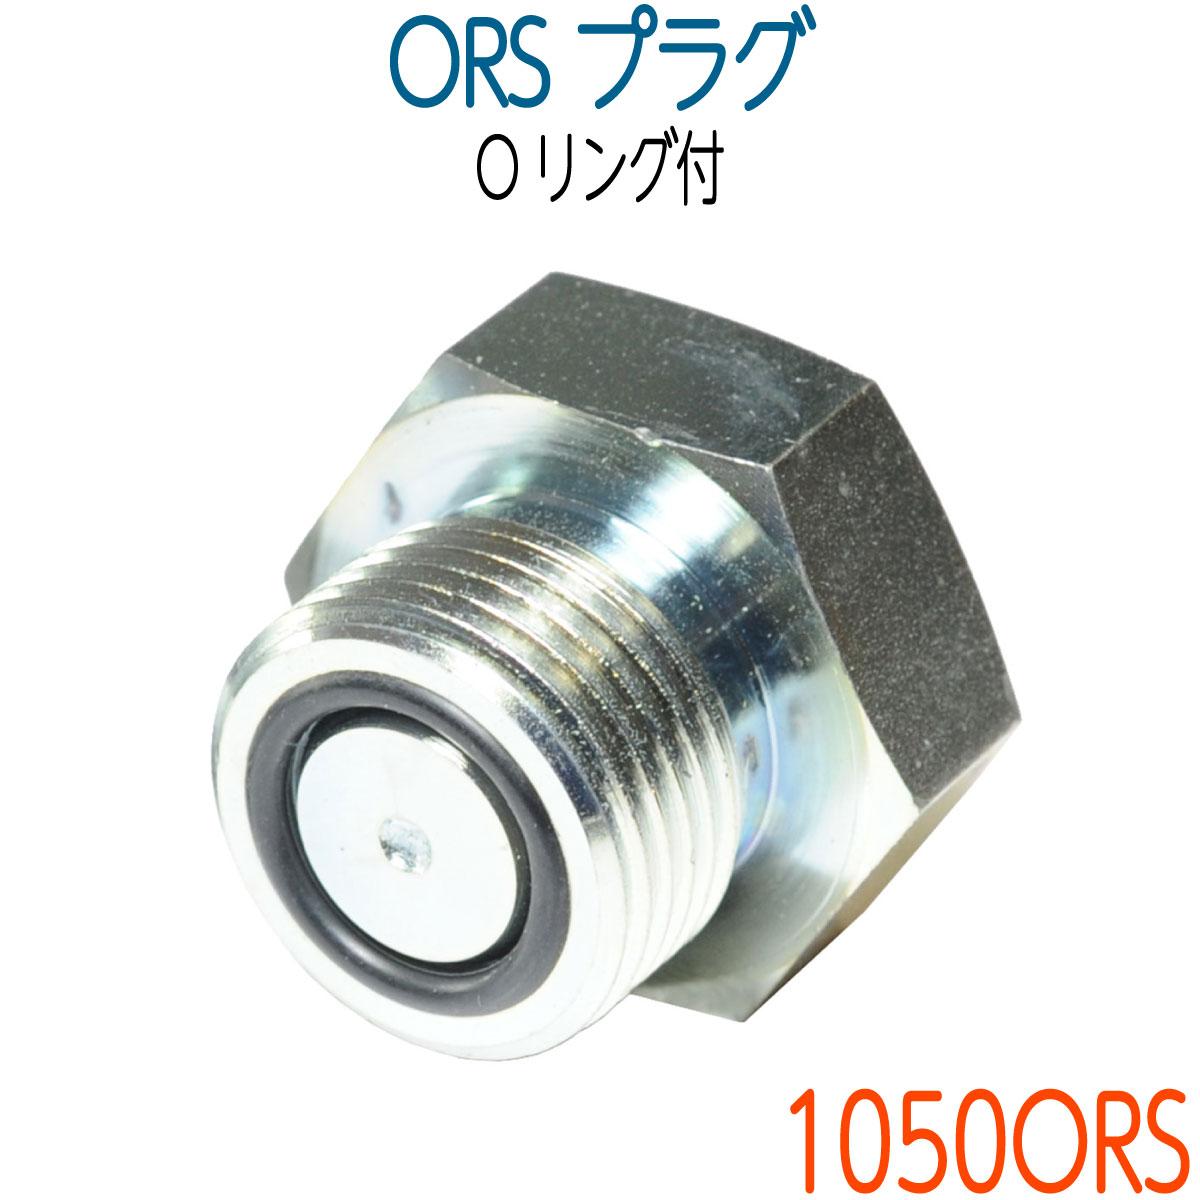 画像1: ORSプラグ 各サイズOリング付 (1)